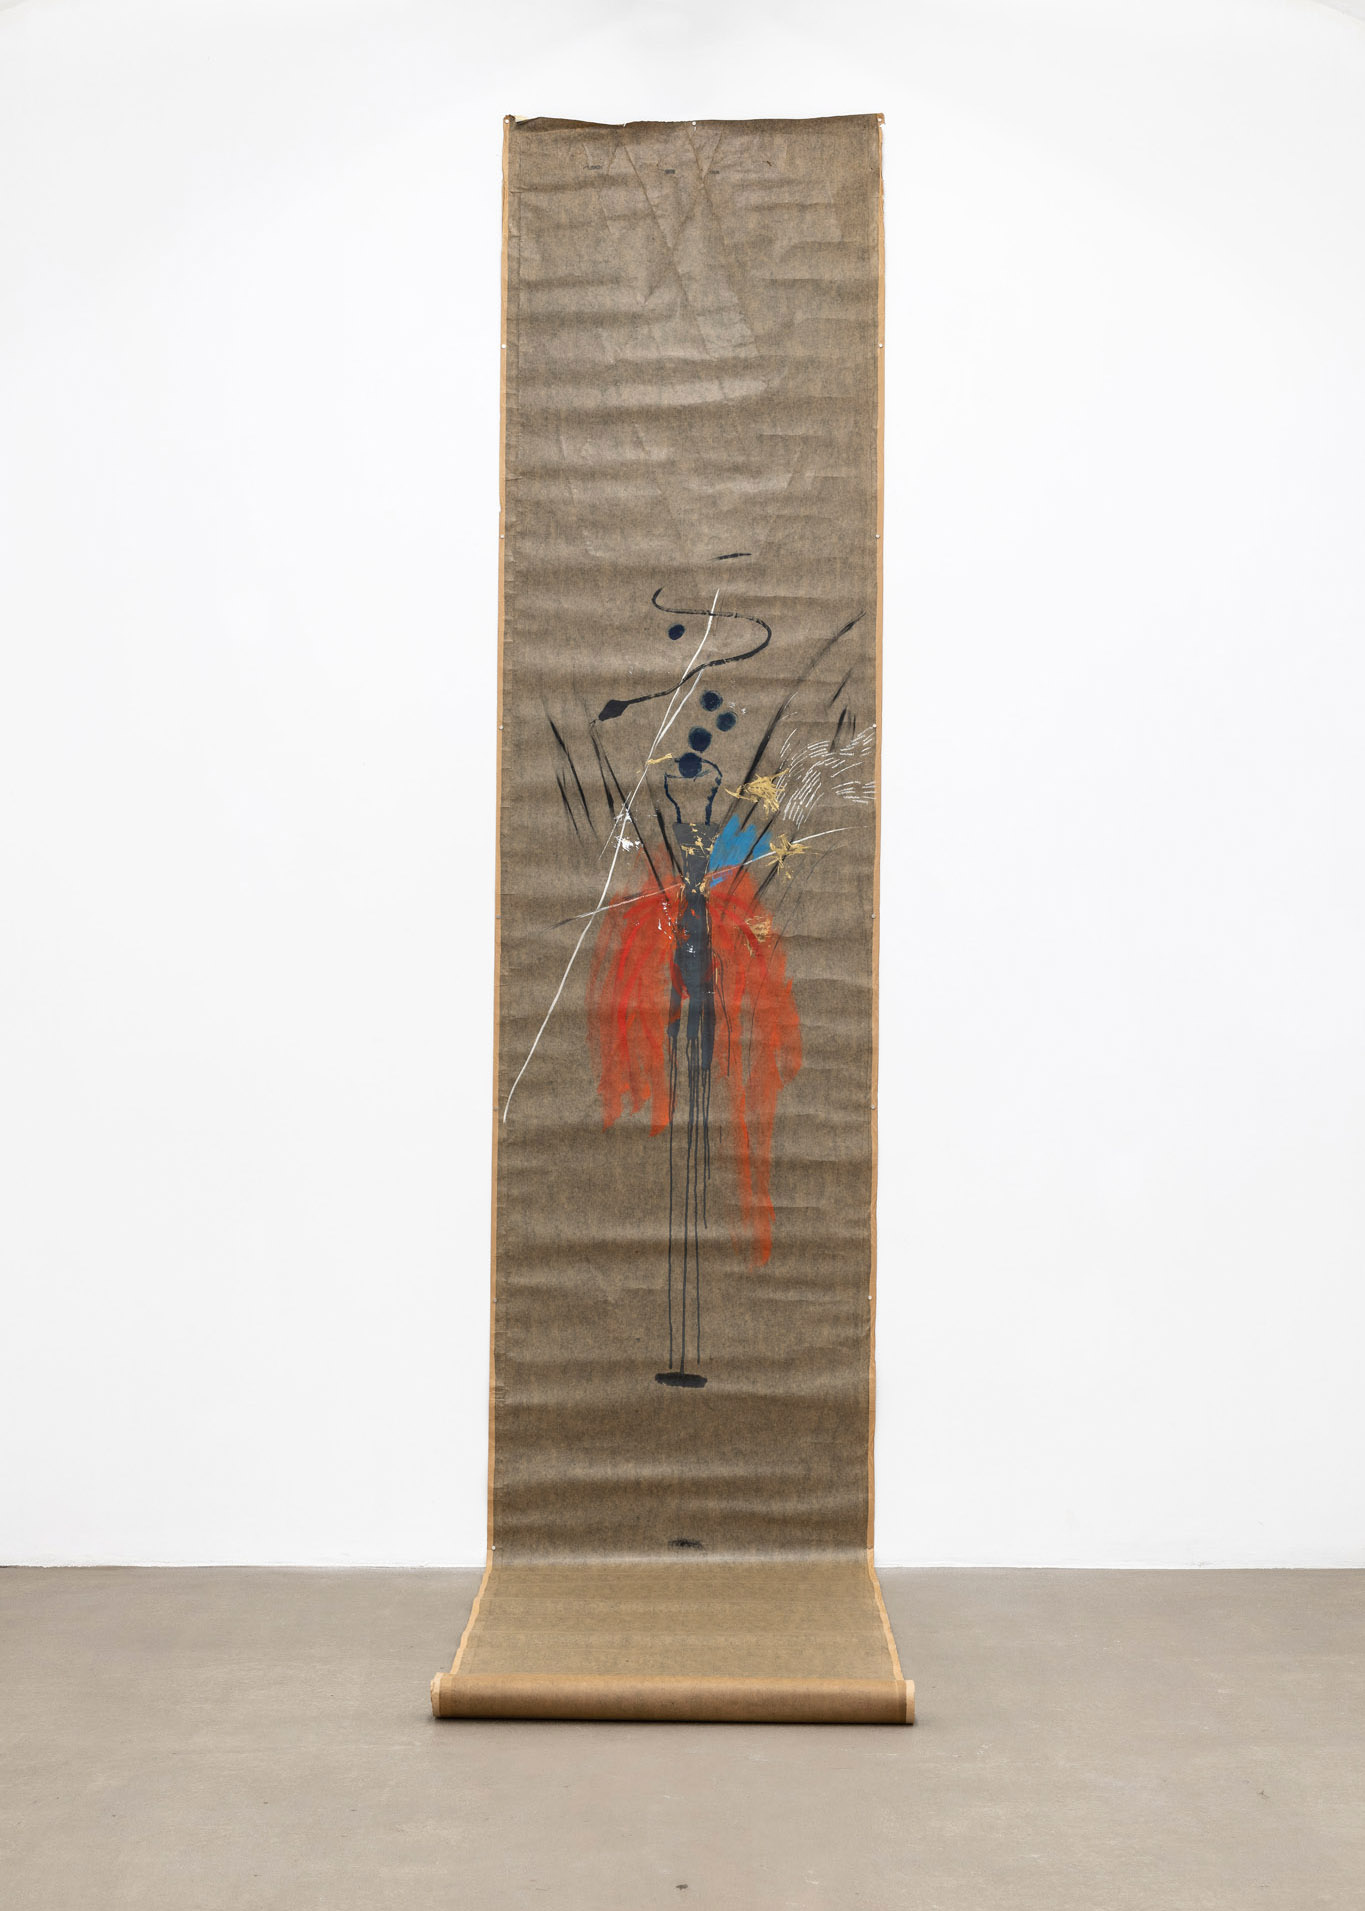 Farfalla con serpente, 2000 Tecnica mista su carta catramata; 568 x 101 cm;  foto: Giorgio Benni.  Courtesy l'artista e Monitor Roma, Lisbona, Pereto